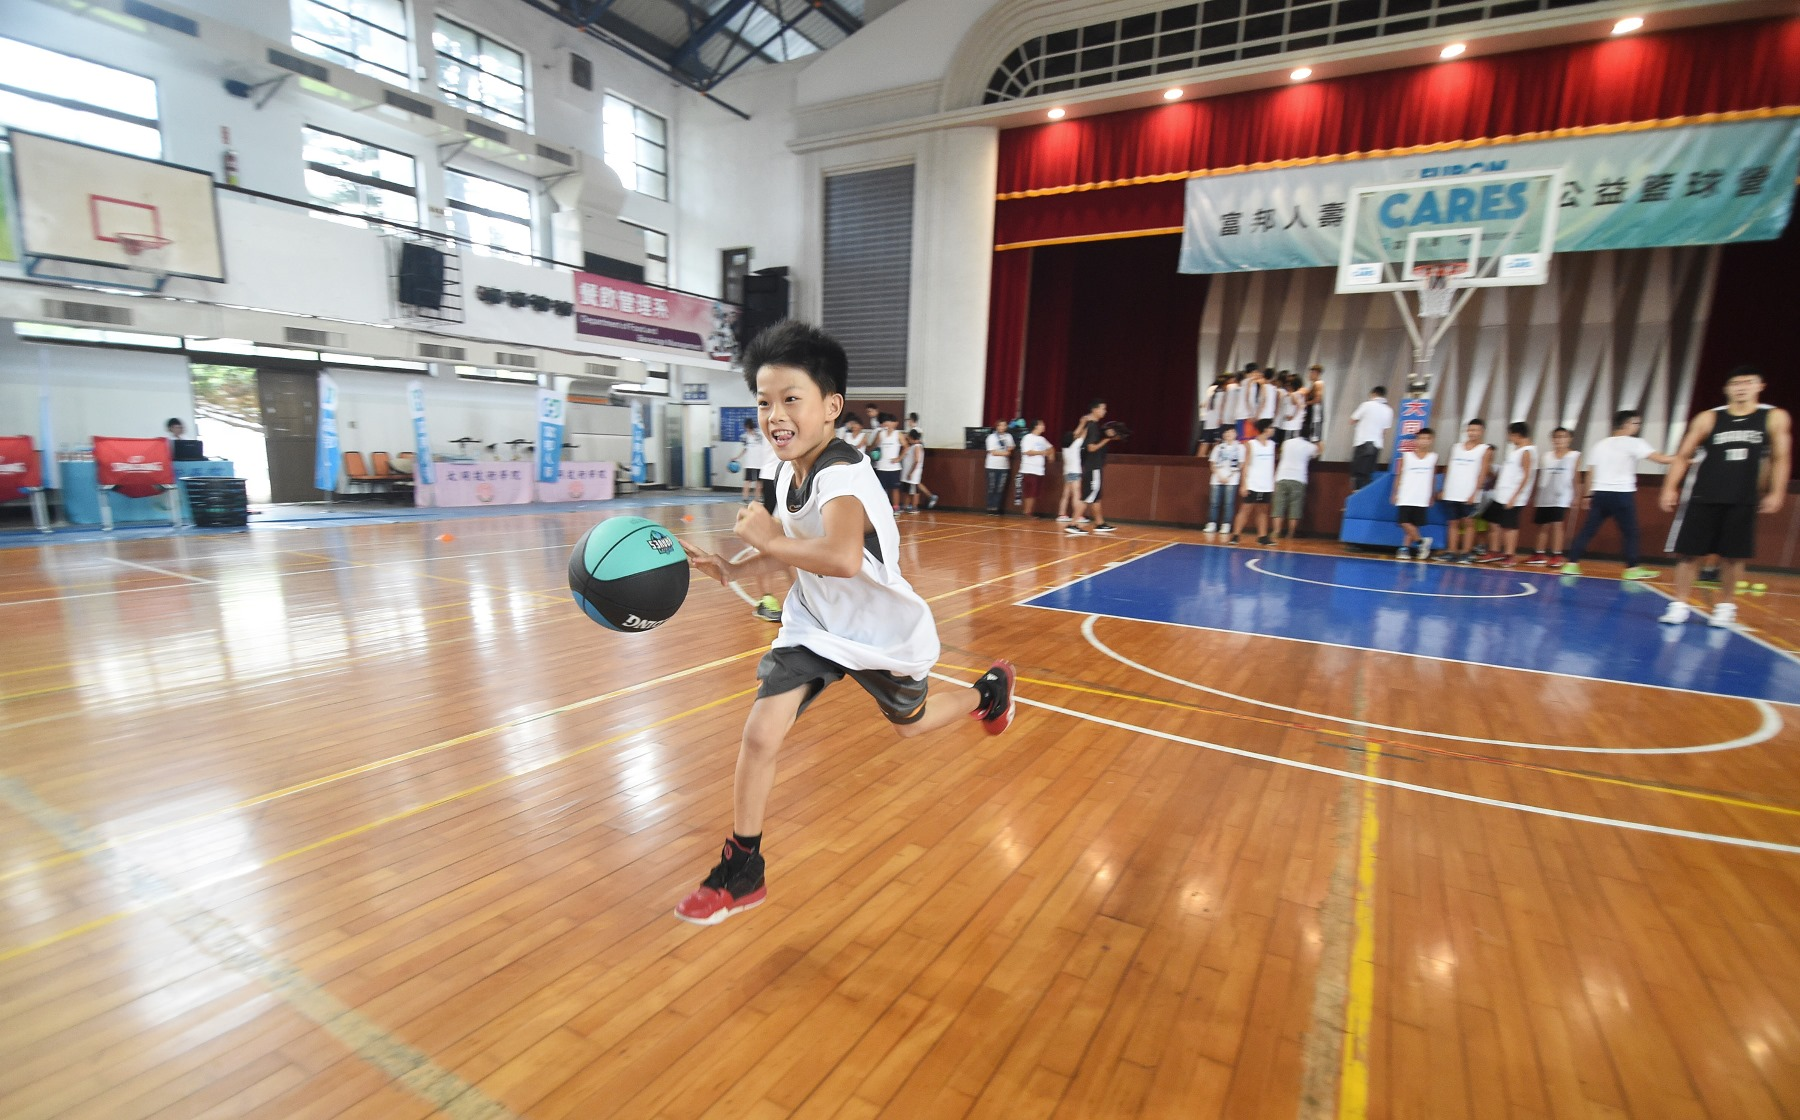 富邦0823_公益籃球營開拔至嘉義孕育籃球種子